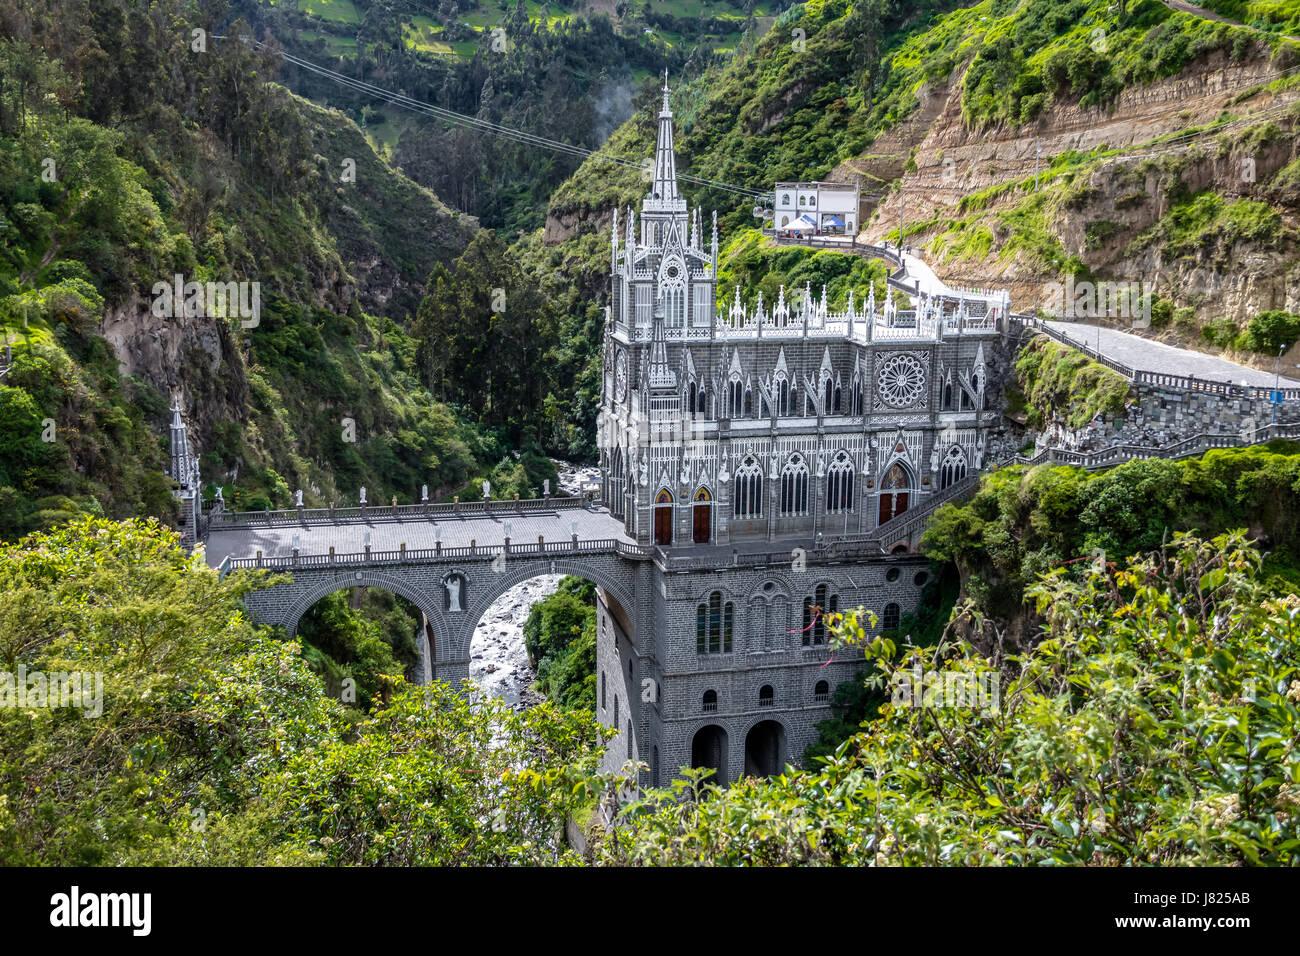 Las Lajas Santuario - Ipiales, Colombia Immagini Stock